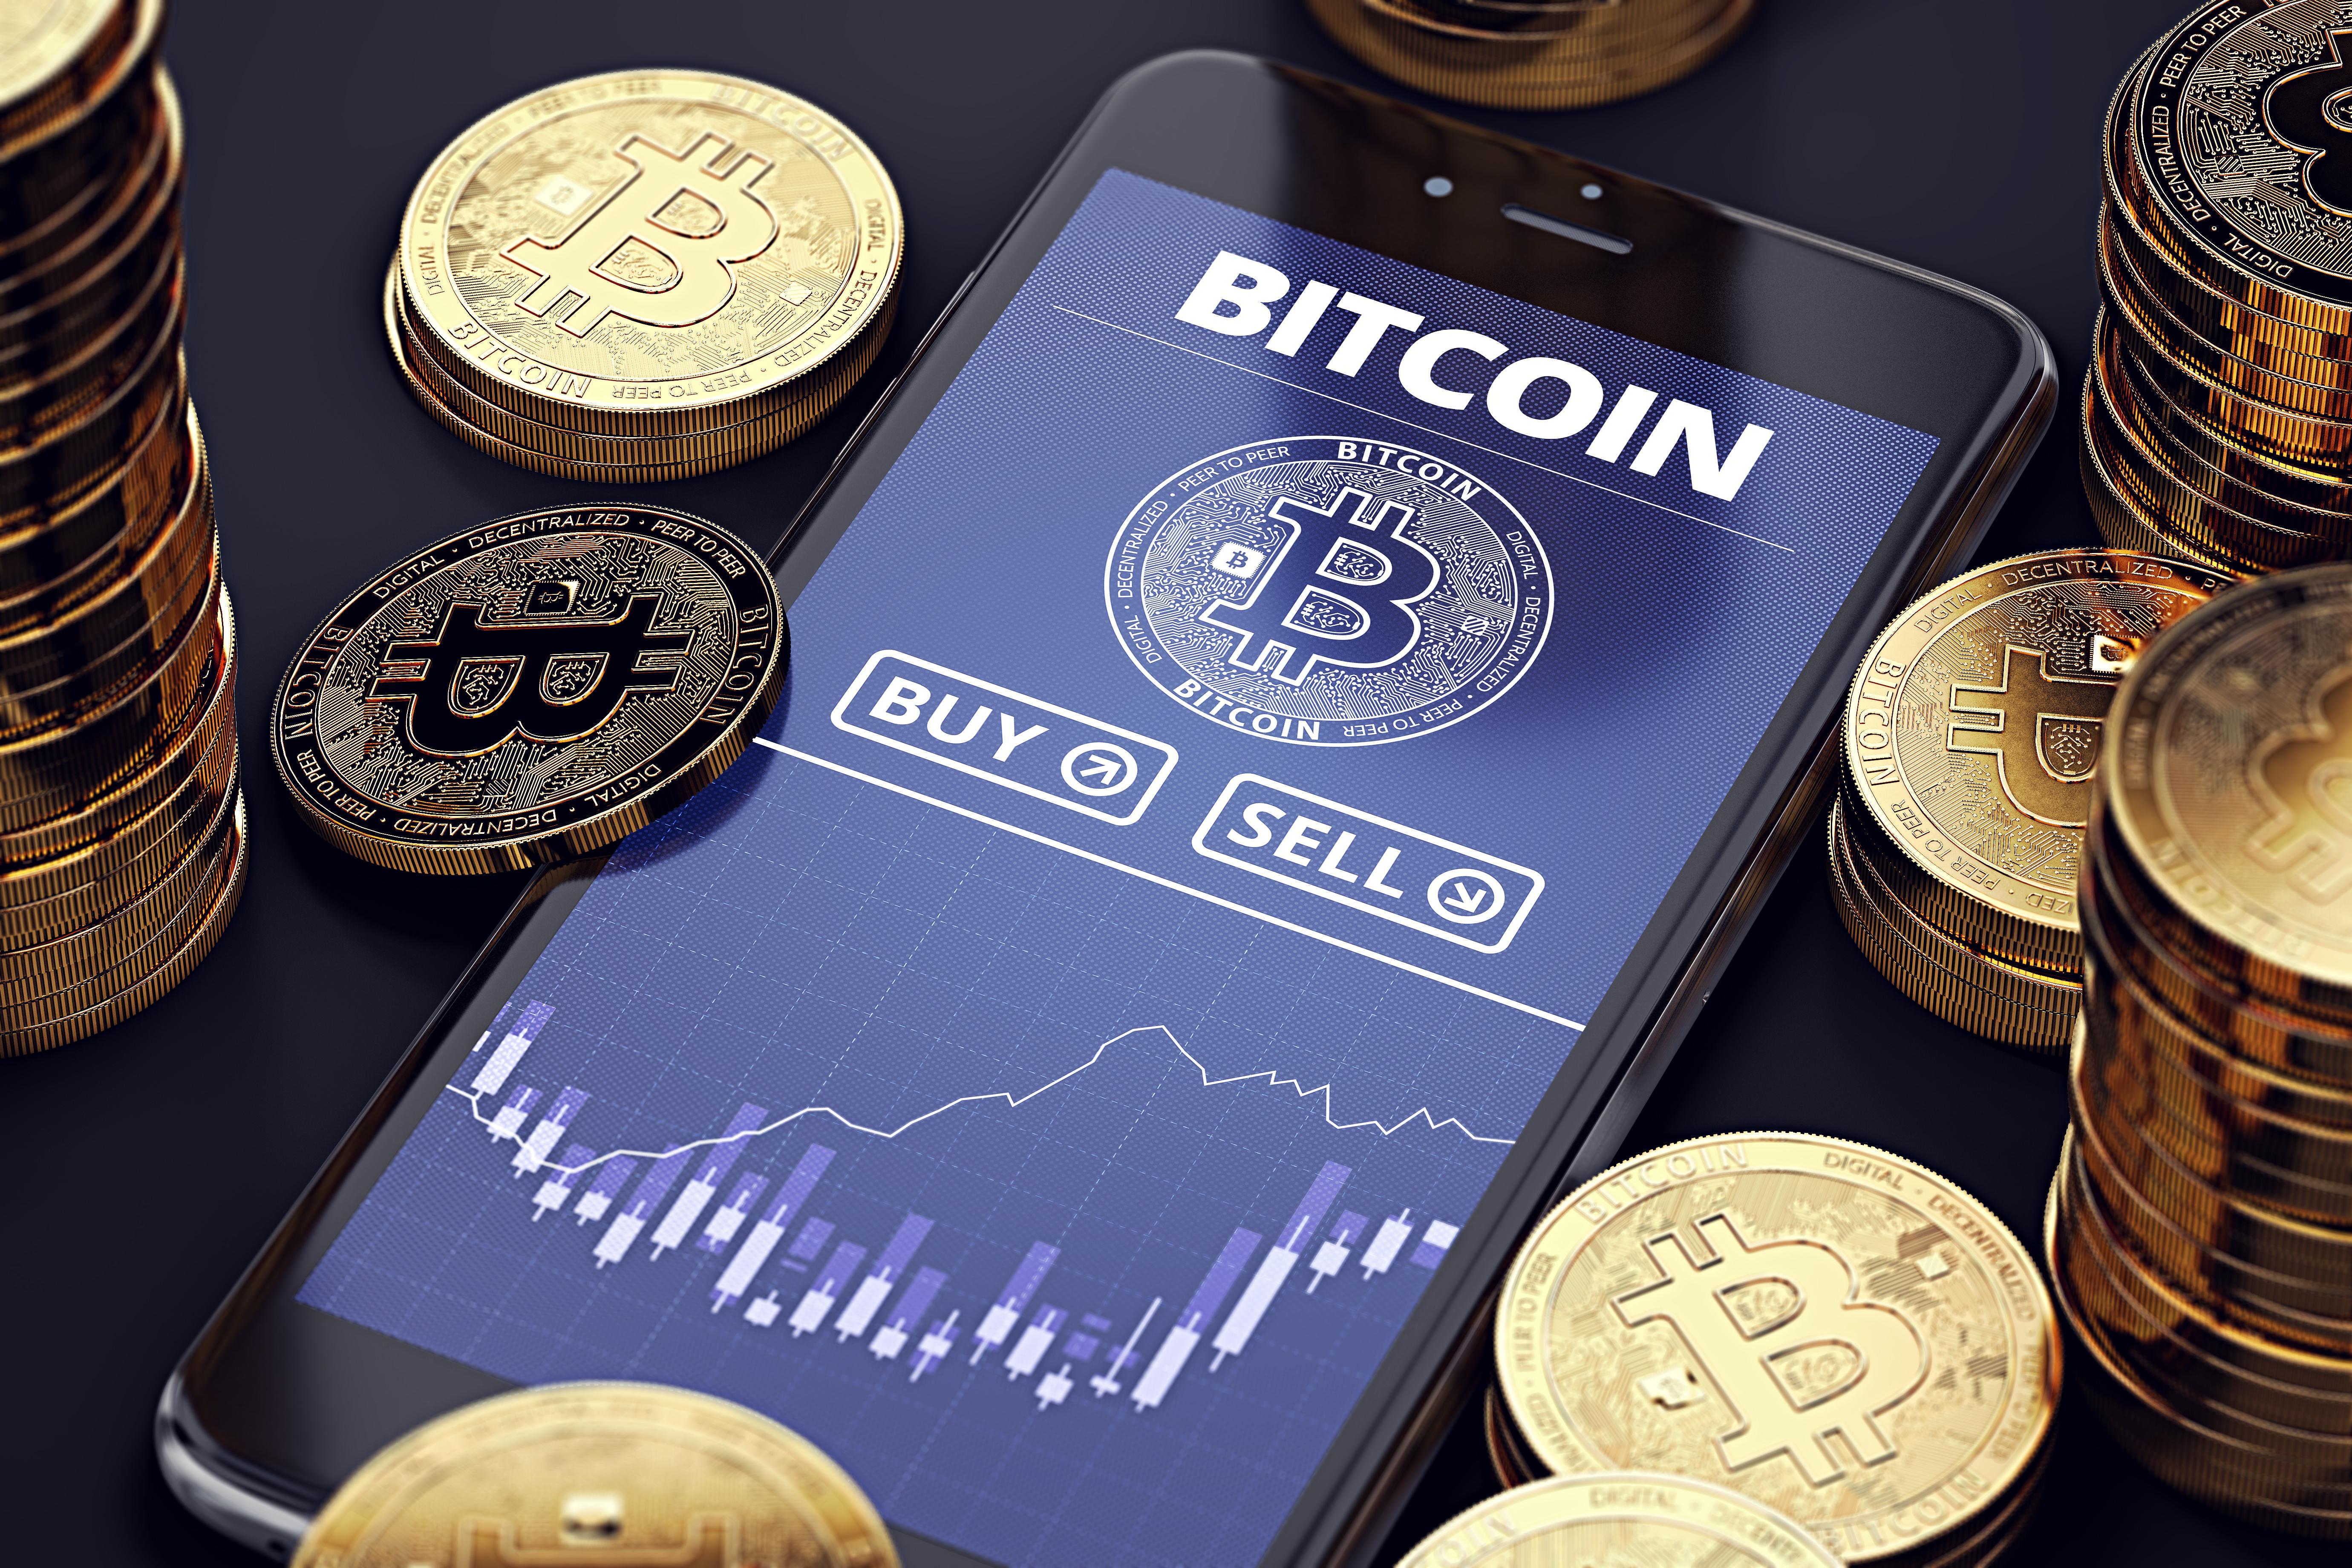 Σίγουρα δεν είναι ο μόνος που πιστεύει στο Bitcoin